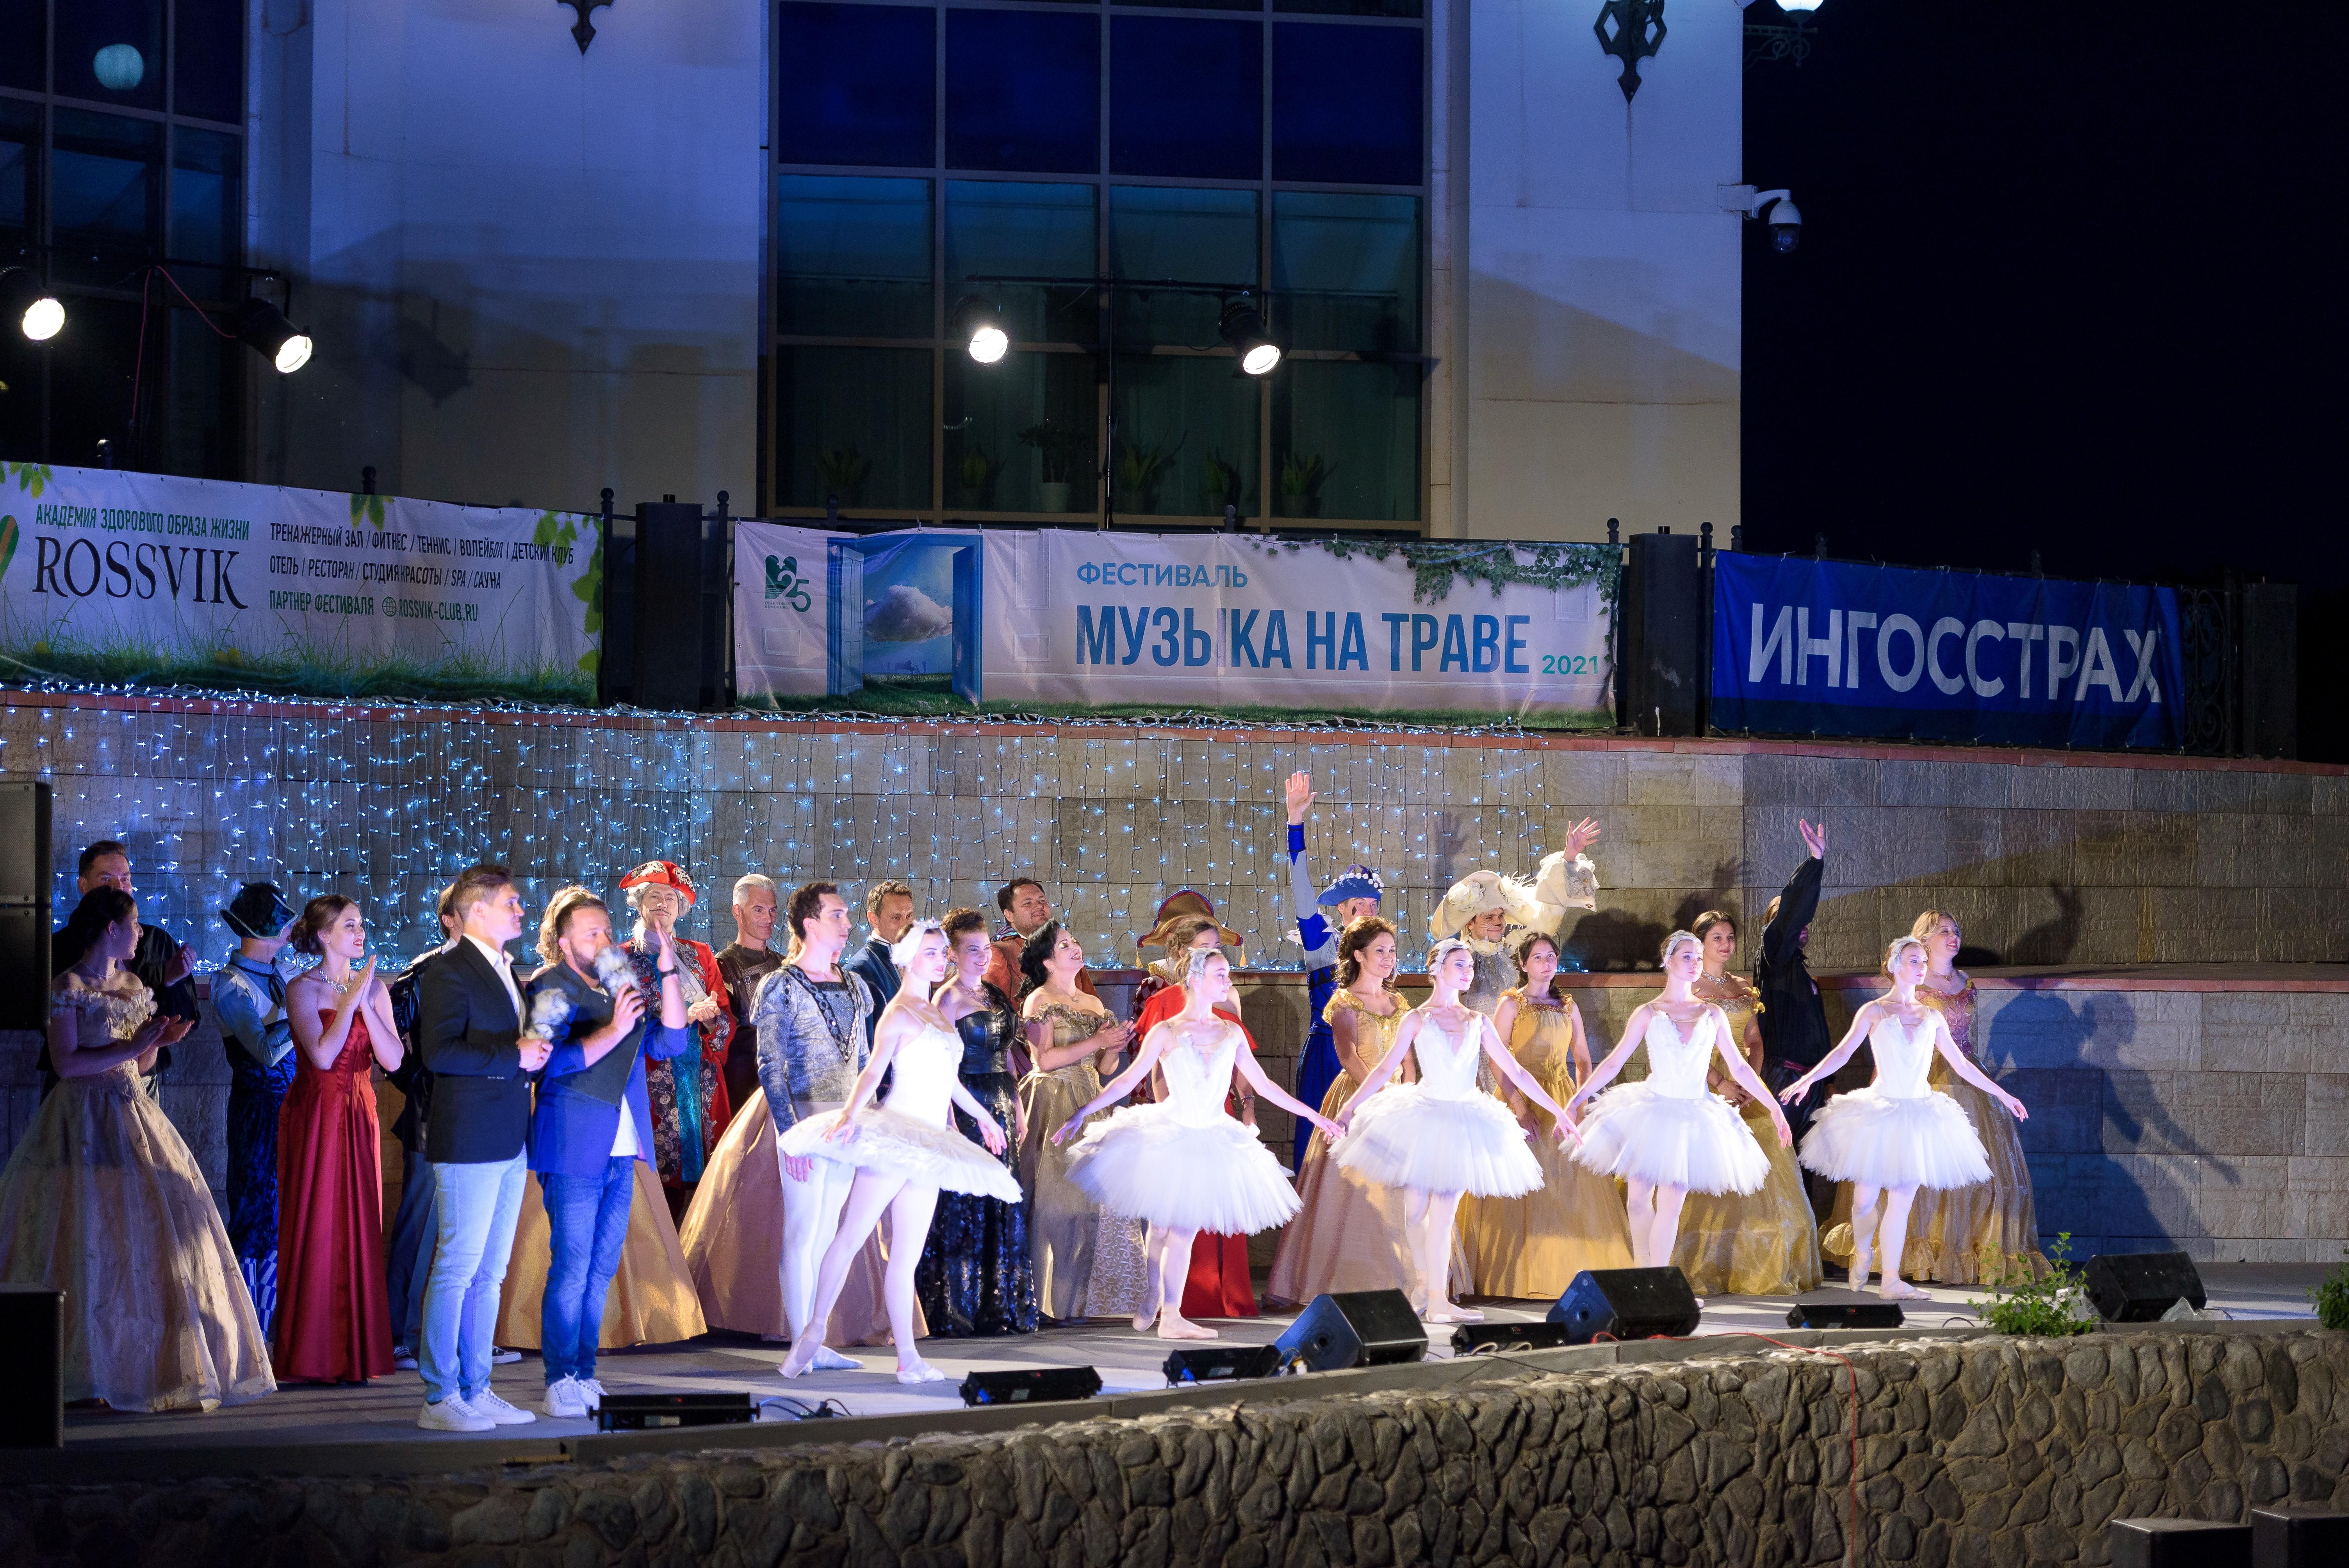 Фестиваль «Музыка на траве» попрощался до следующего года